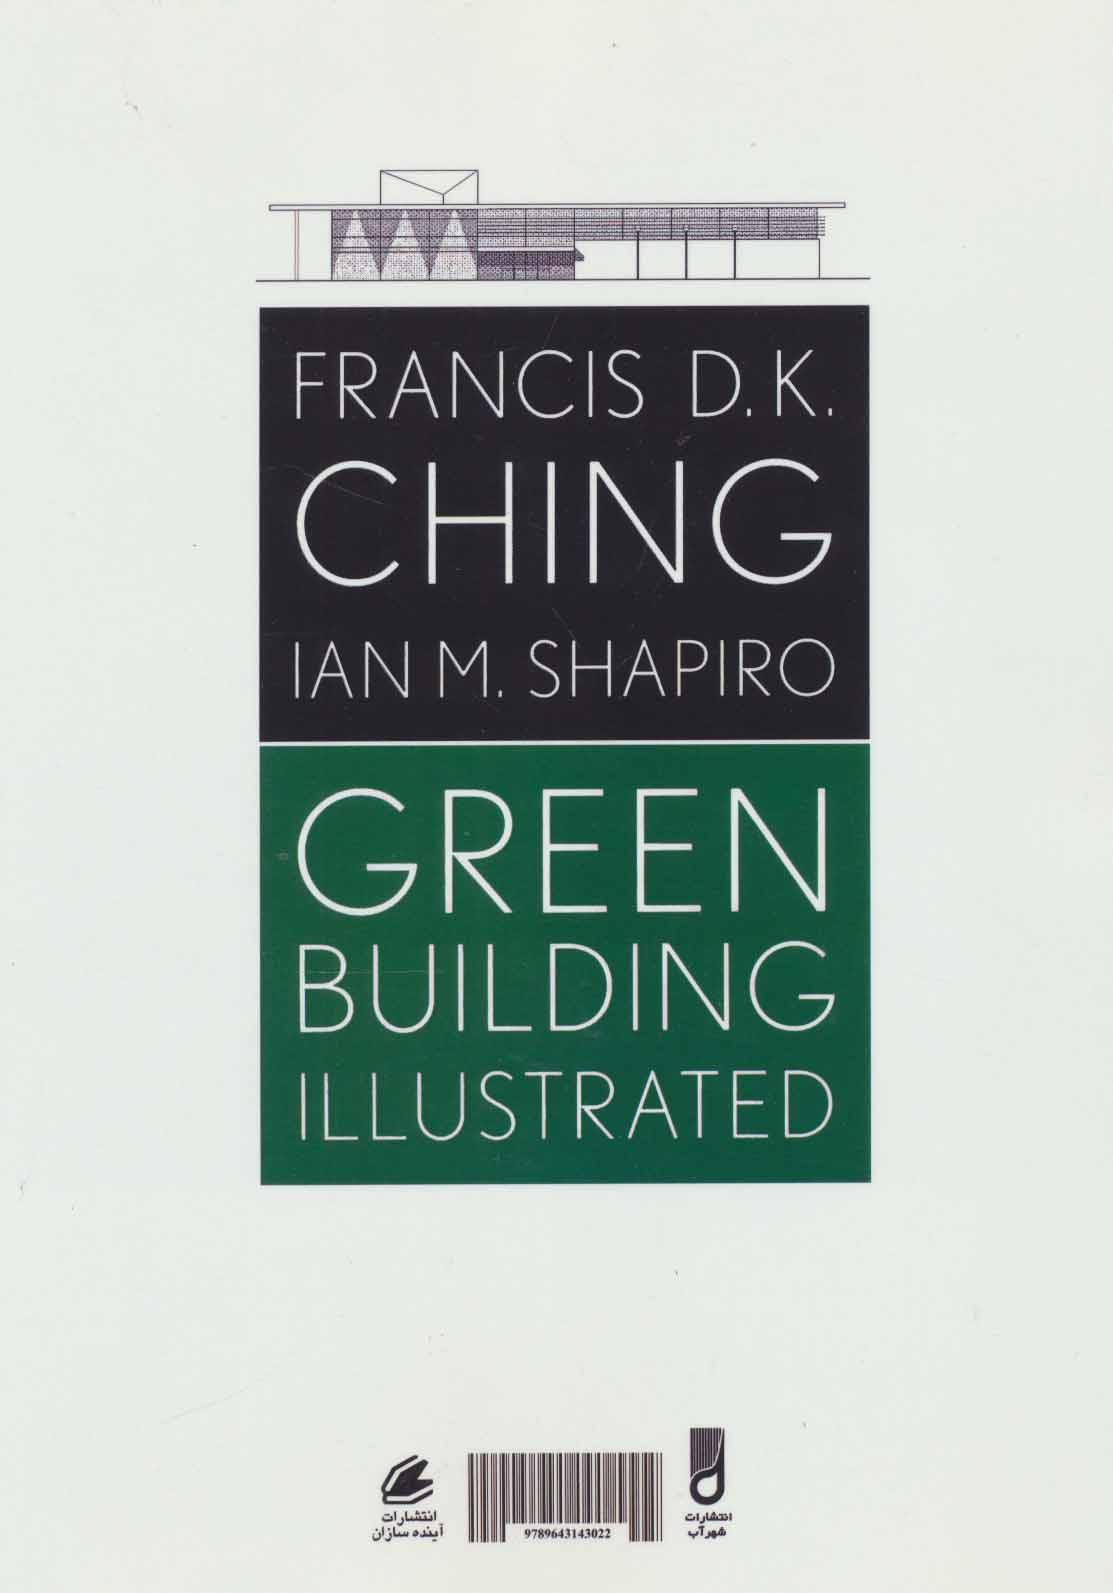 معماری و انرژی ساخت و ساز سبز (تصویری)